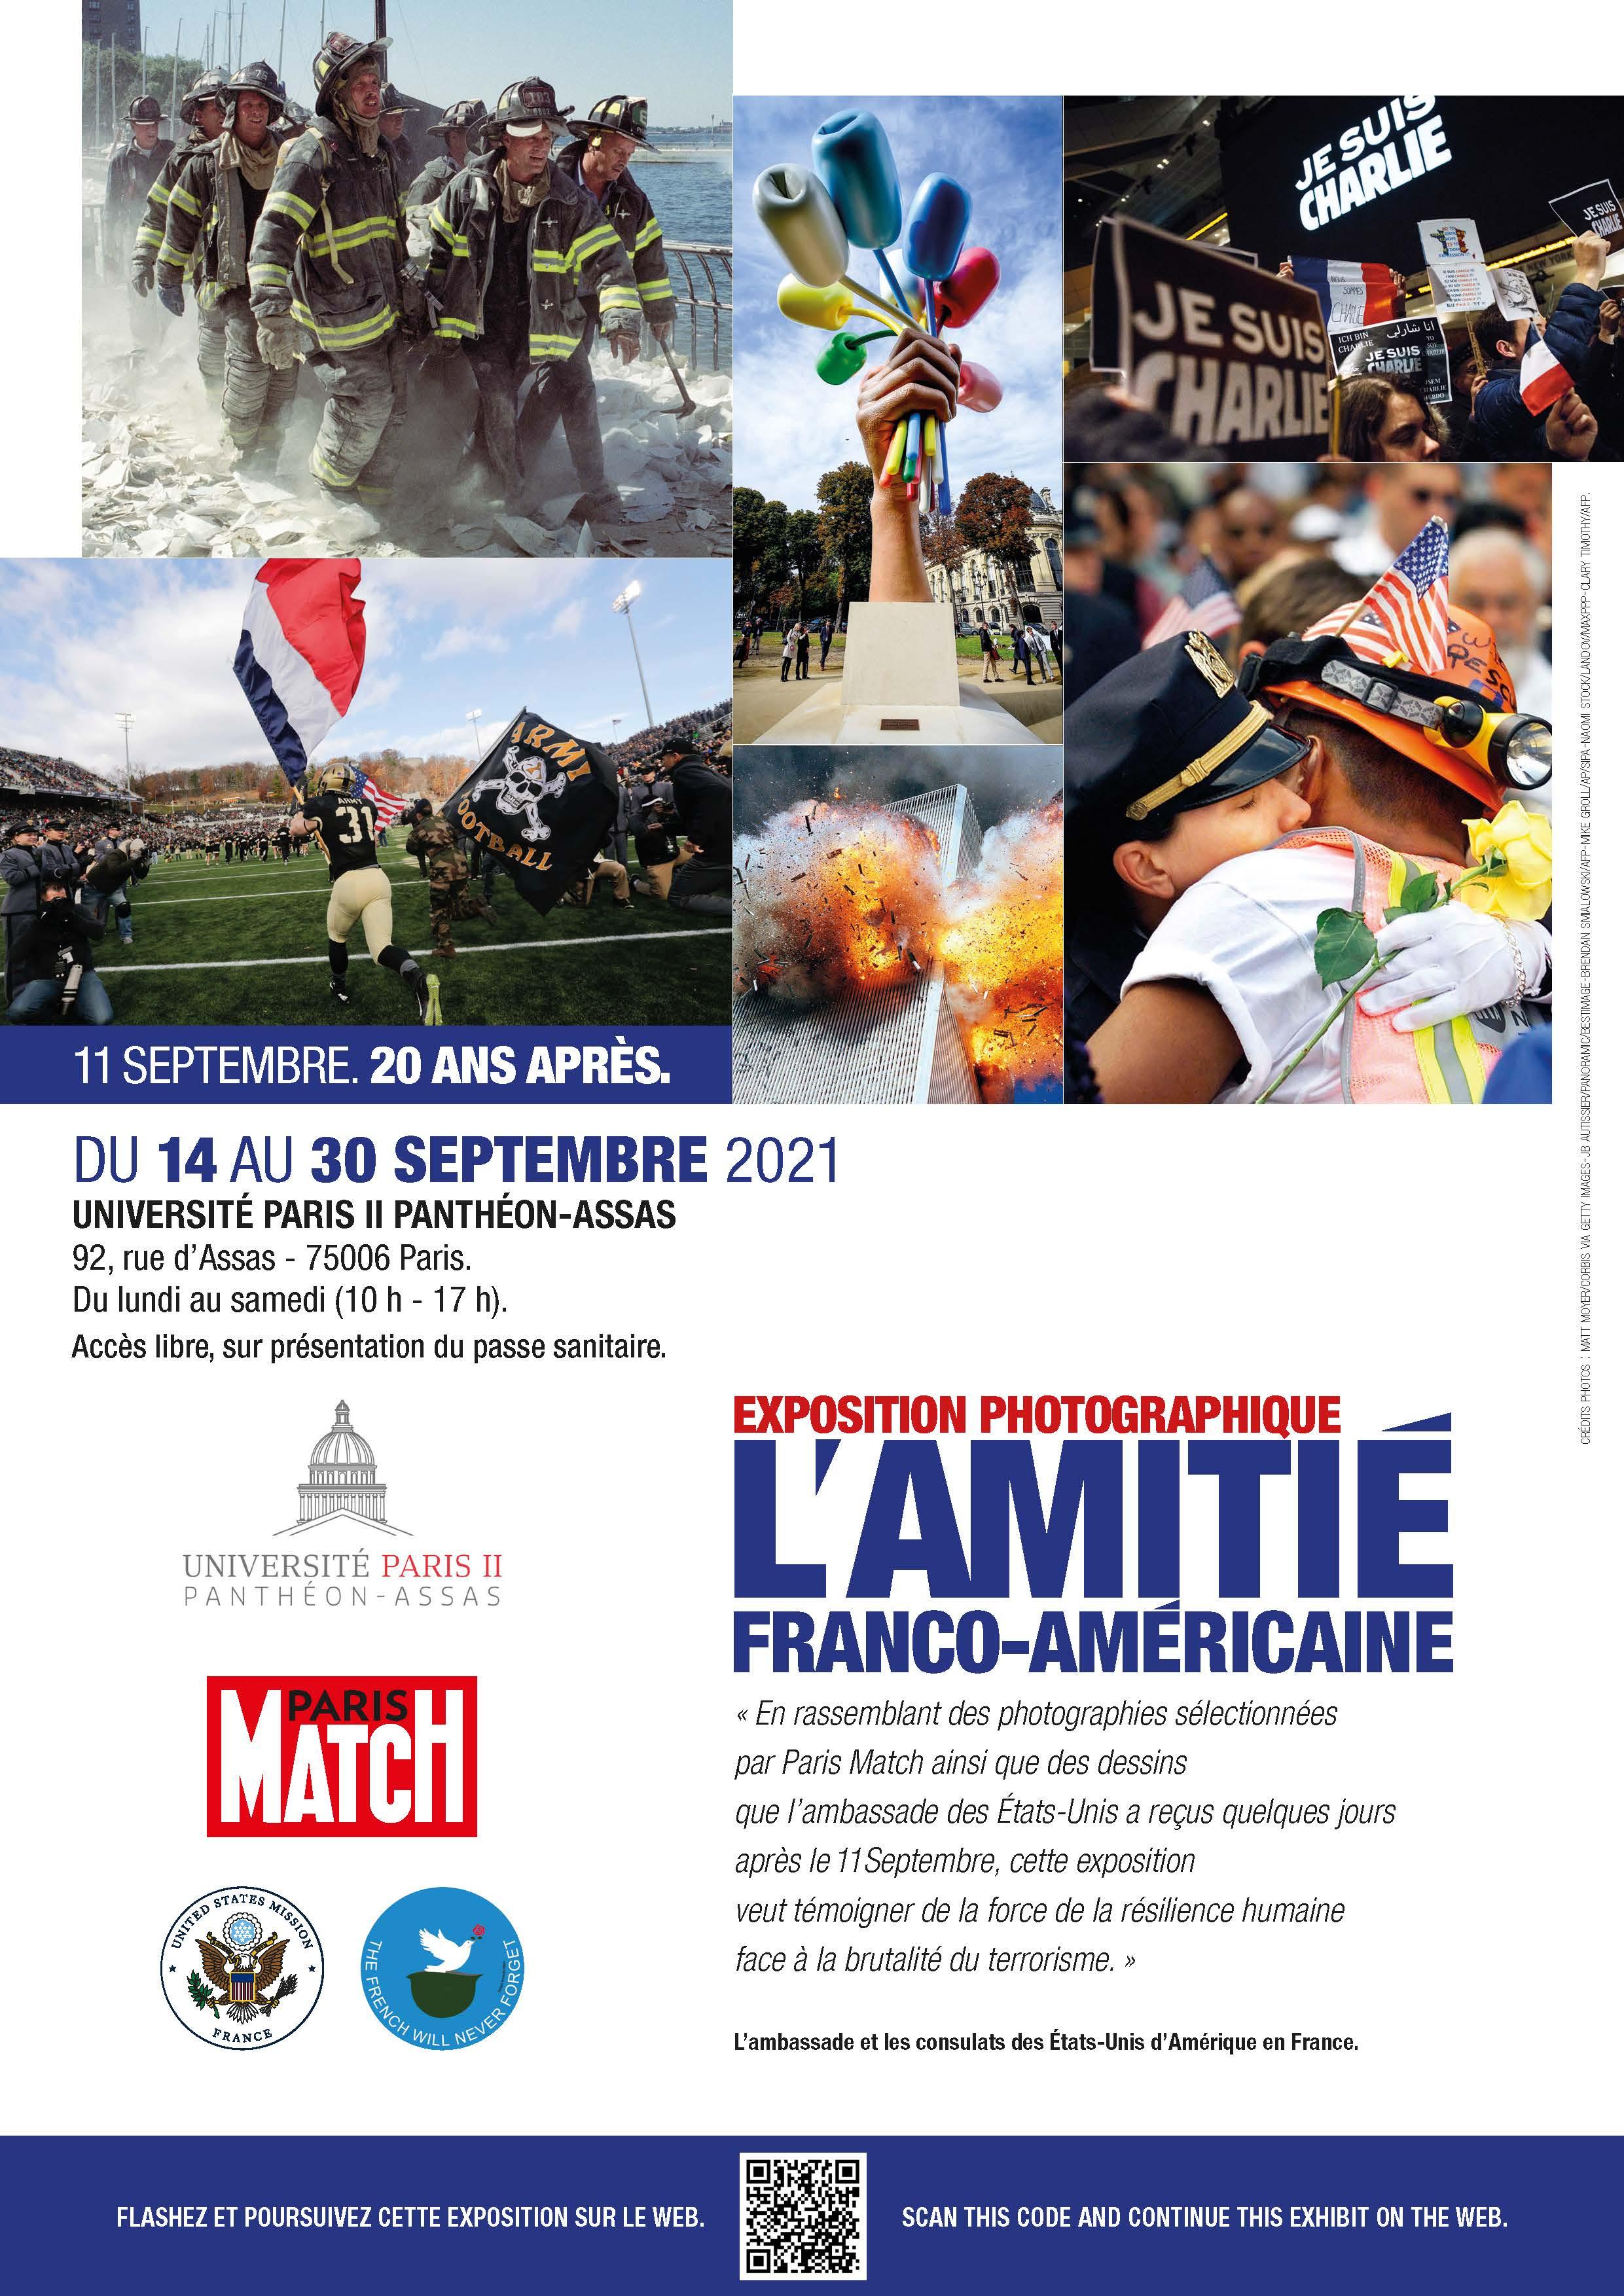 Affiche de l'exposition sur les 20 ans du 11 septembre